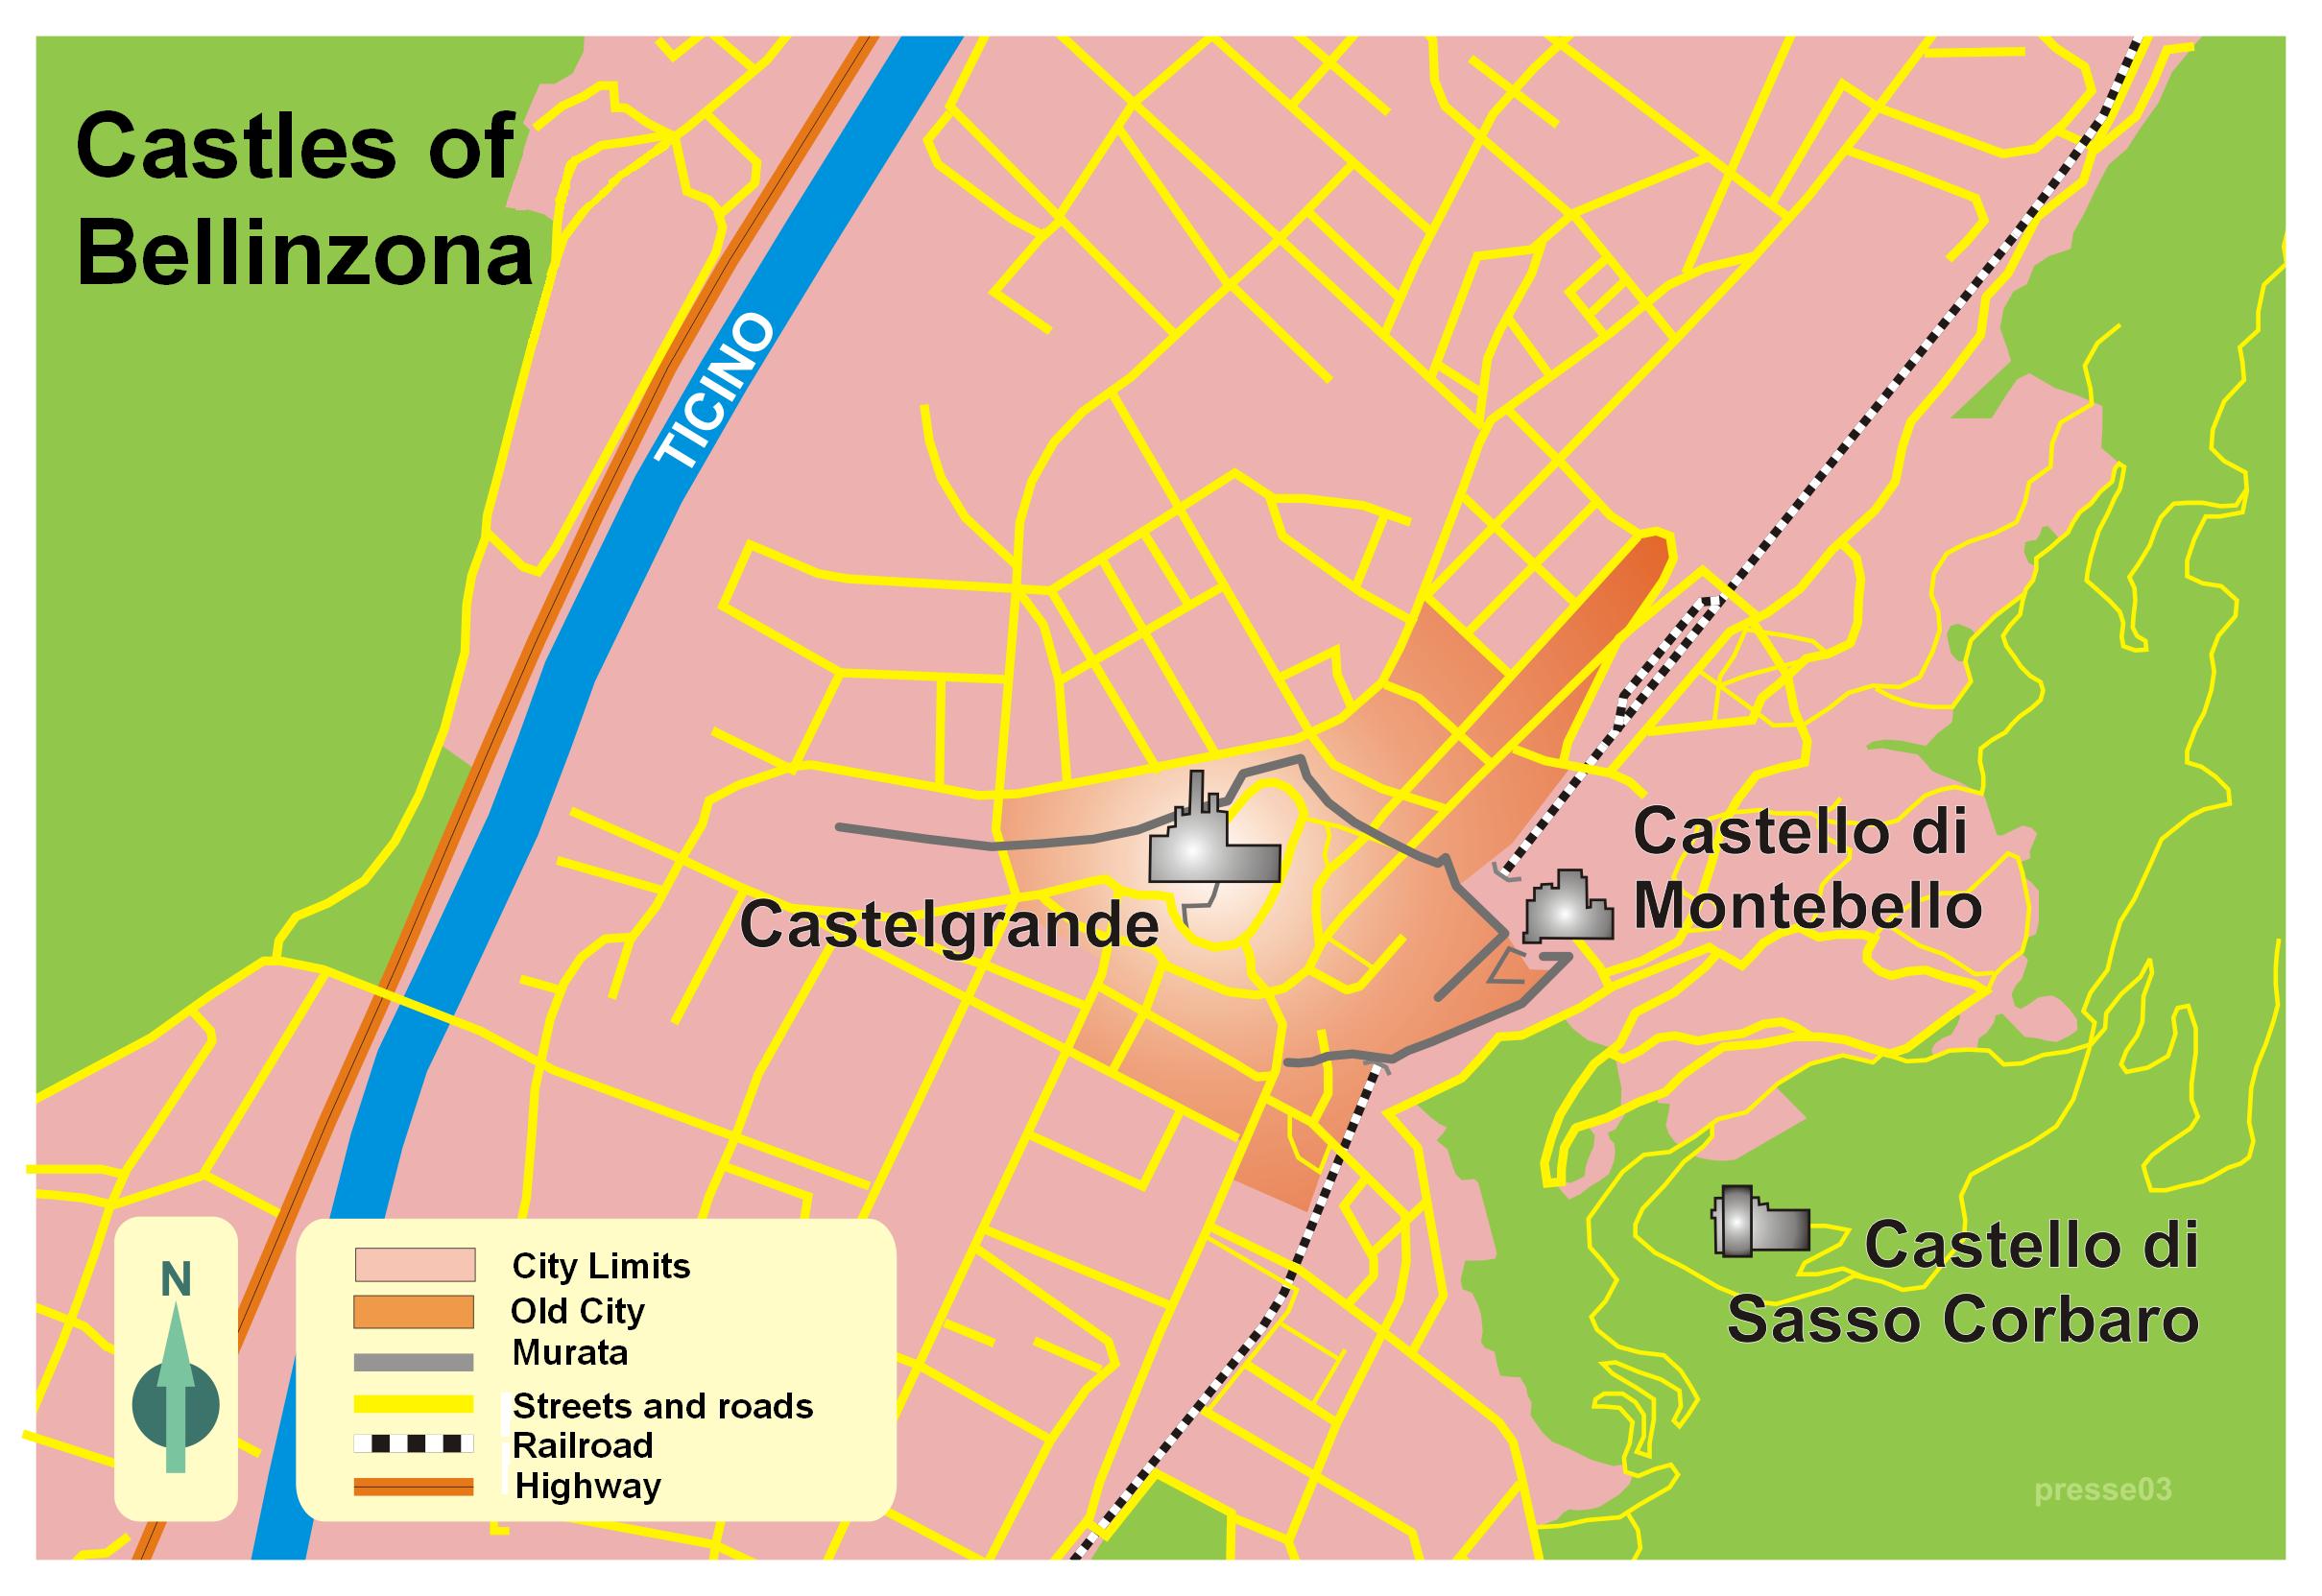 Castles of Bellinzona Wikiwand